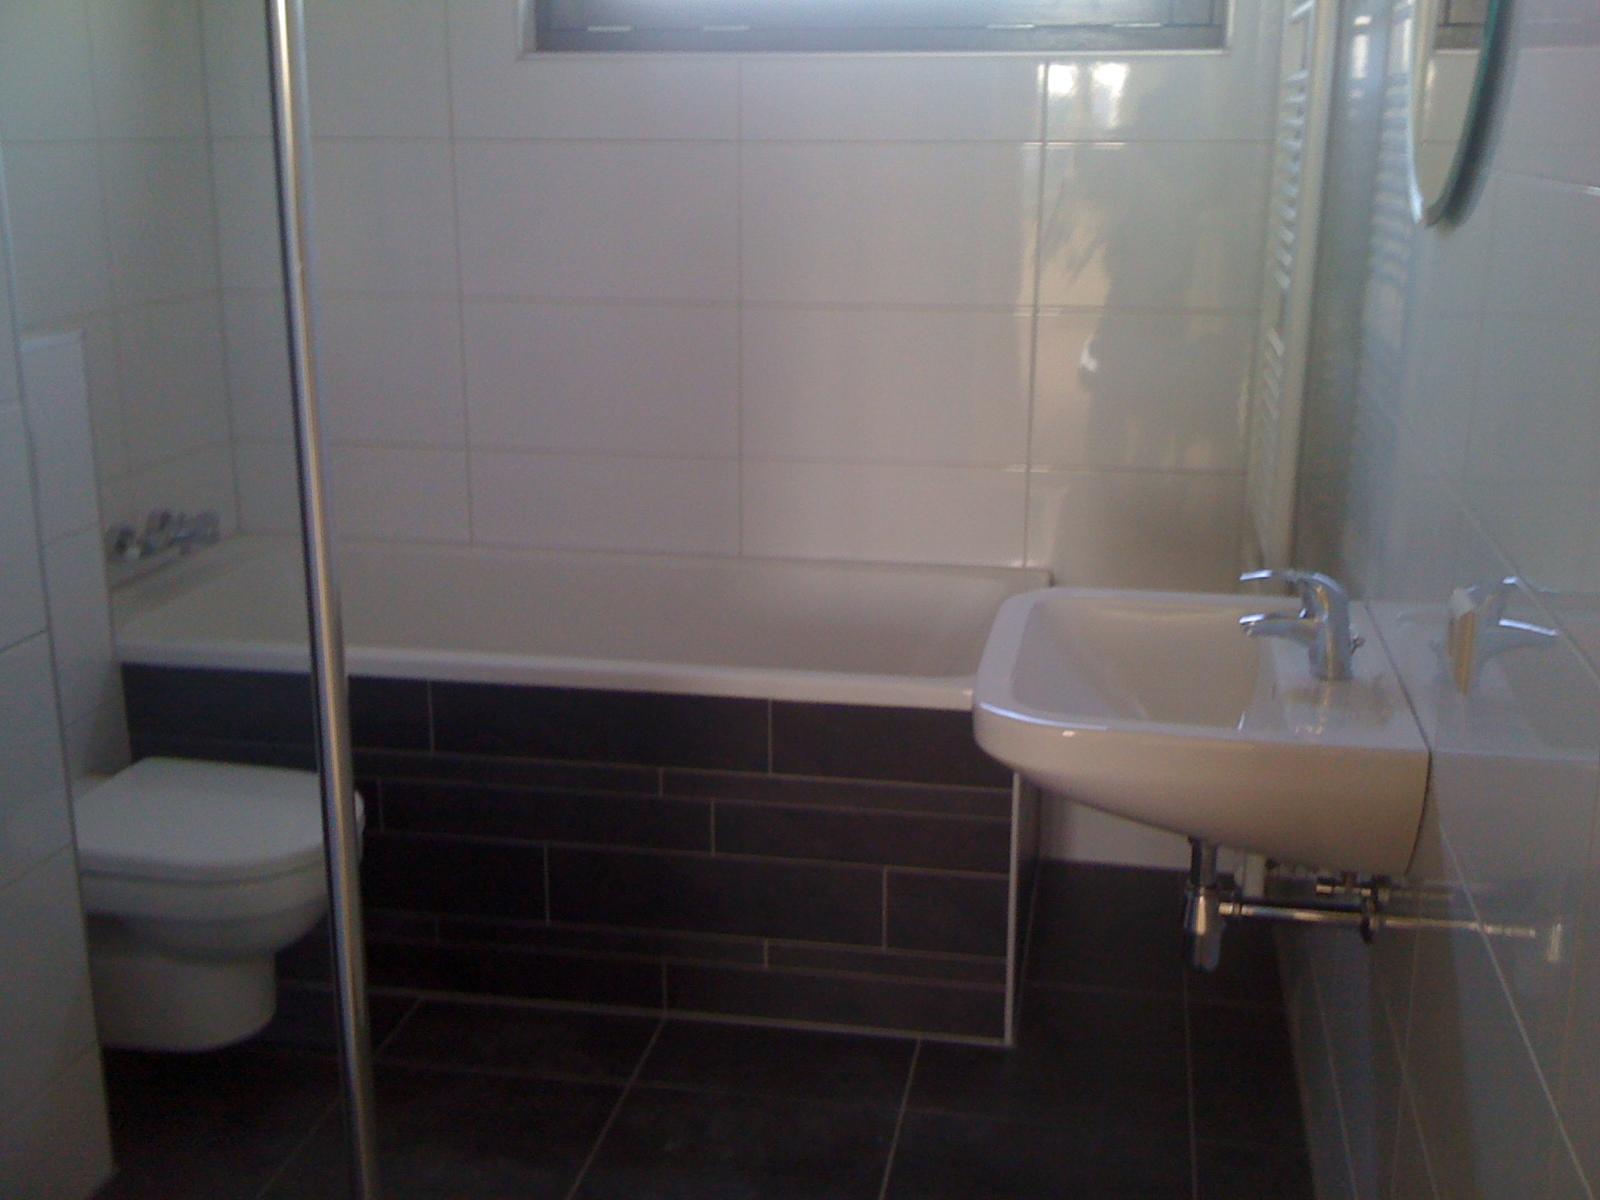 Badkamer bouw en aannemersbedrijf fuentes voor al uw onderhoud renovatie en timmerwerken - Tot een badkamer ...